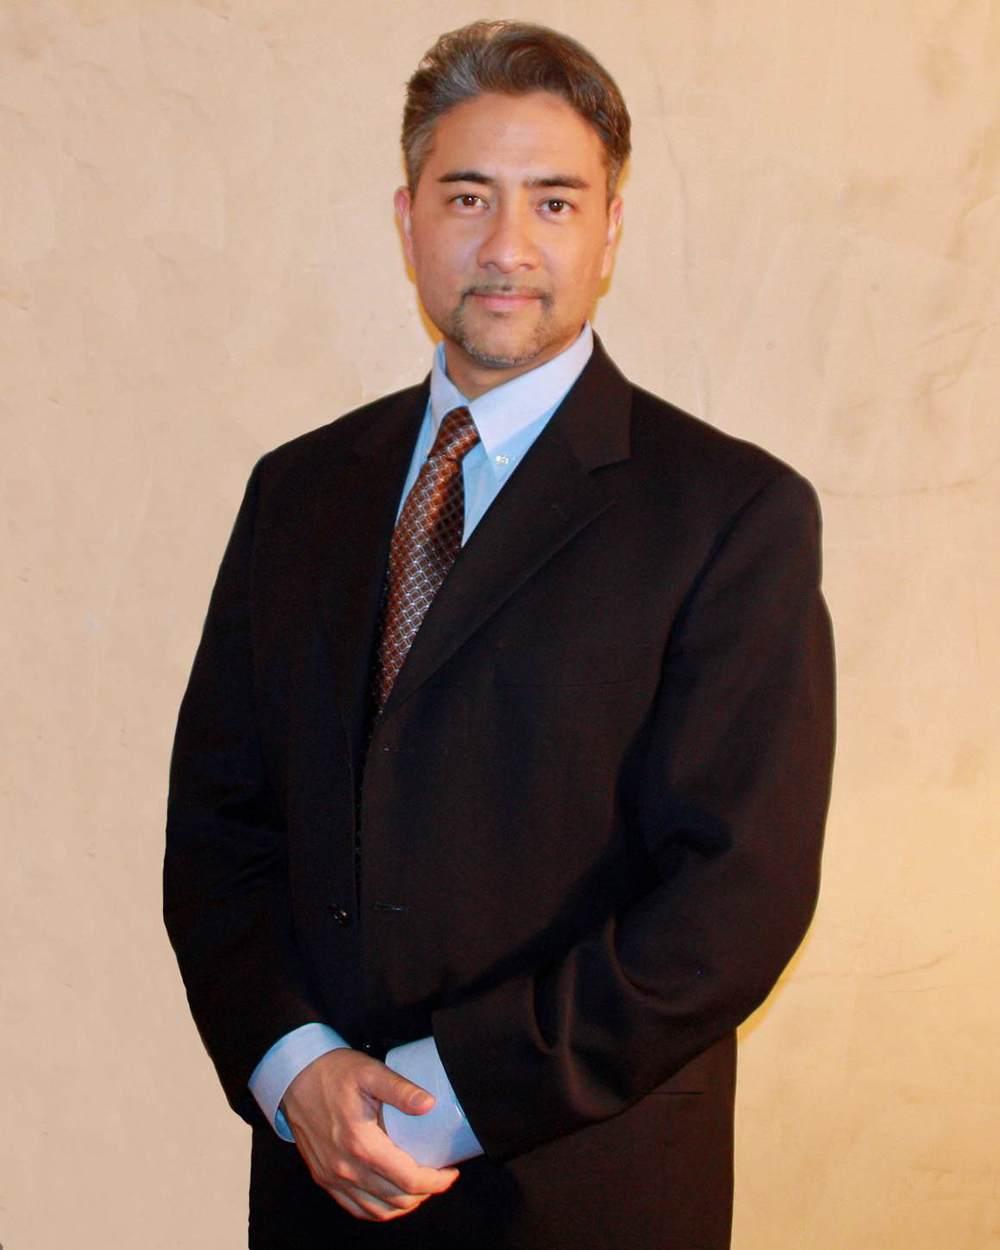 Dr Clifford Baker Suit